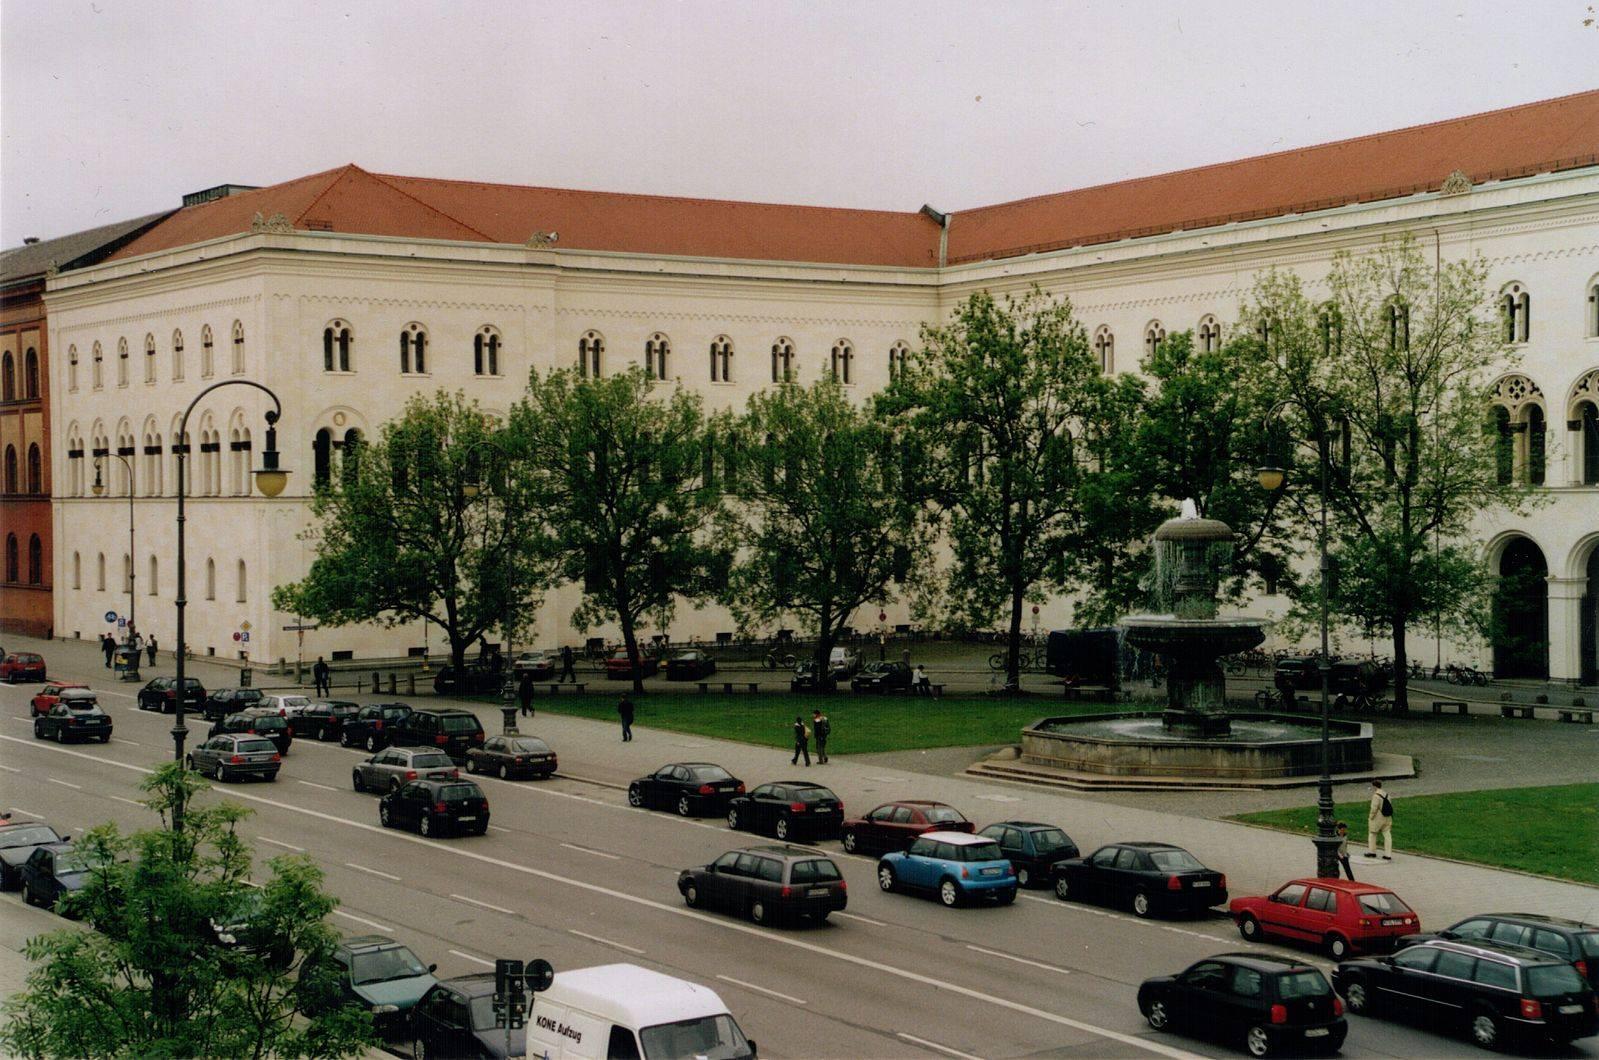 Мюнхенский университет им. людвига-максимилиана (ludwig-maximilians-universität münchen)